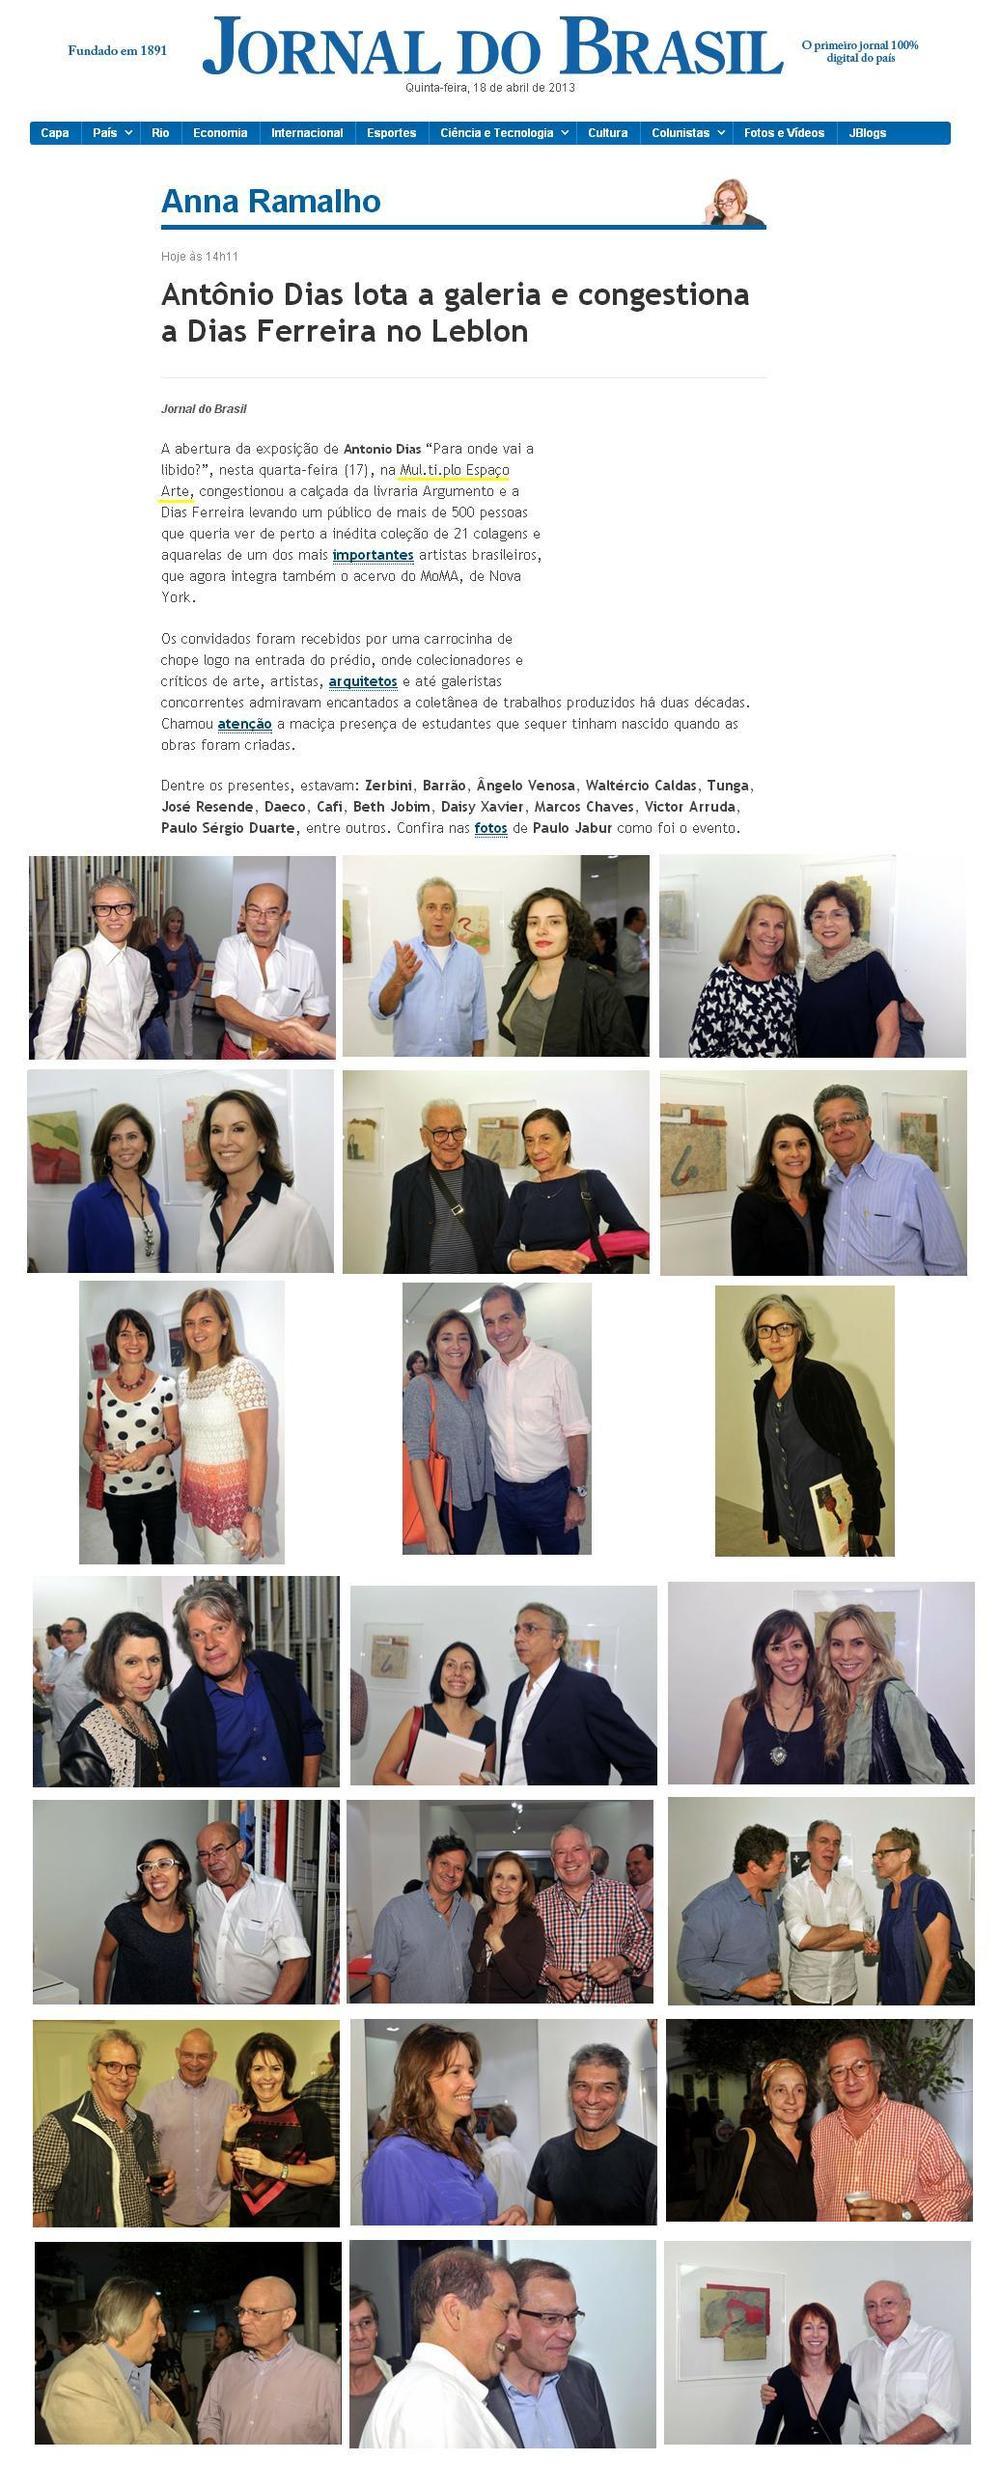 MÚL.TI.PLO ESPAÇO ARTE NO JB 18.04.2013.JPG